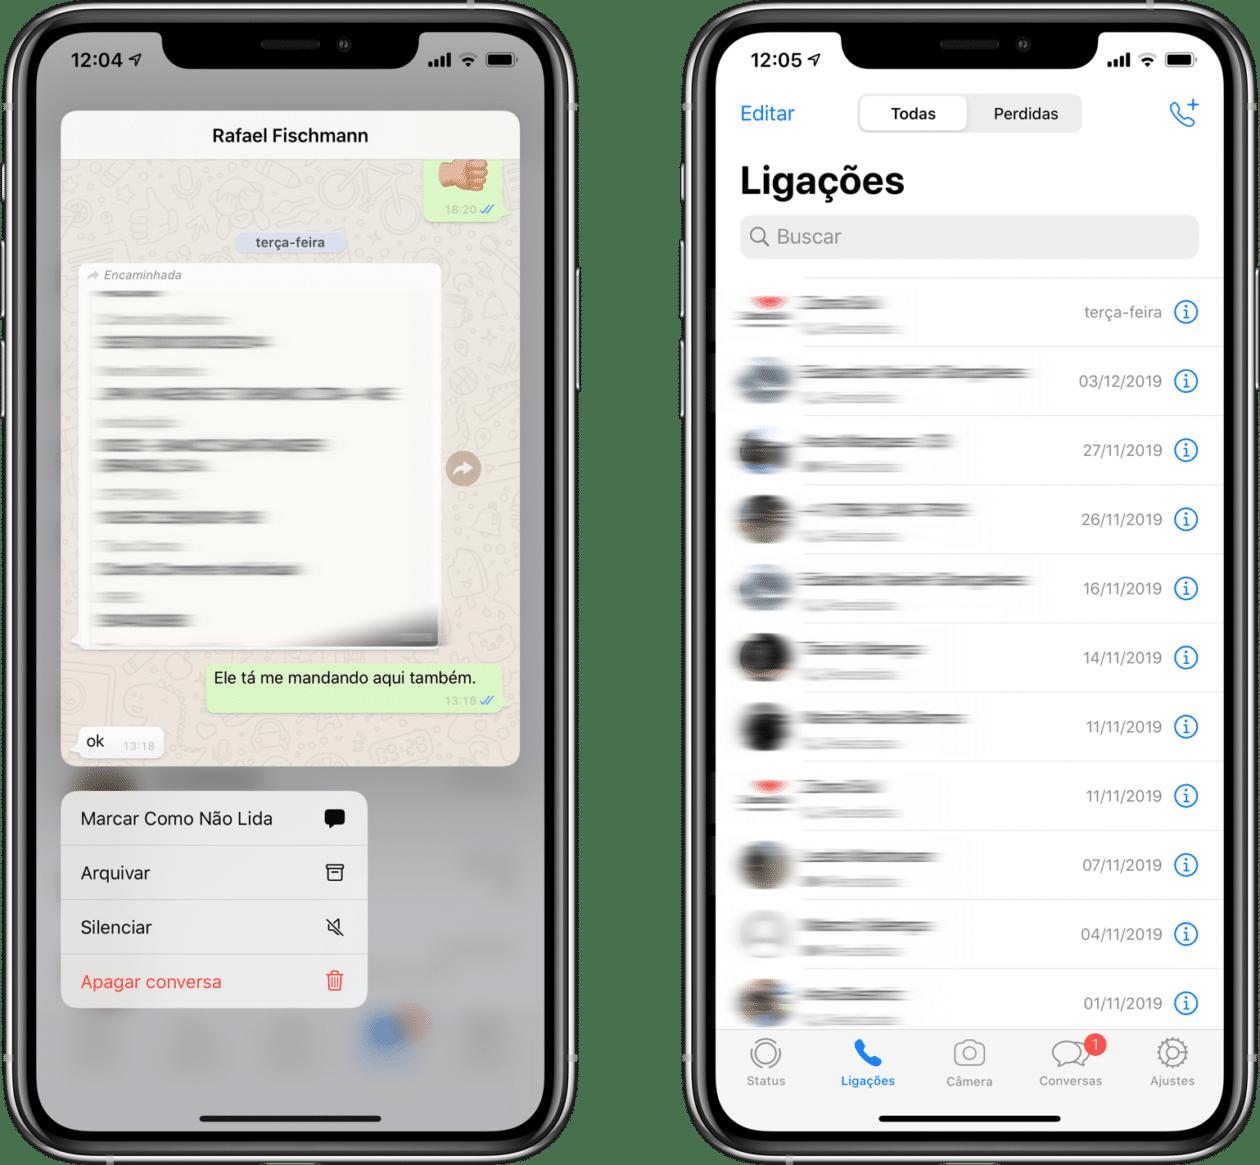 WhatsApp beta prepared for iOS 13